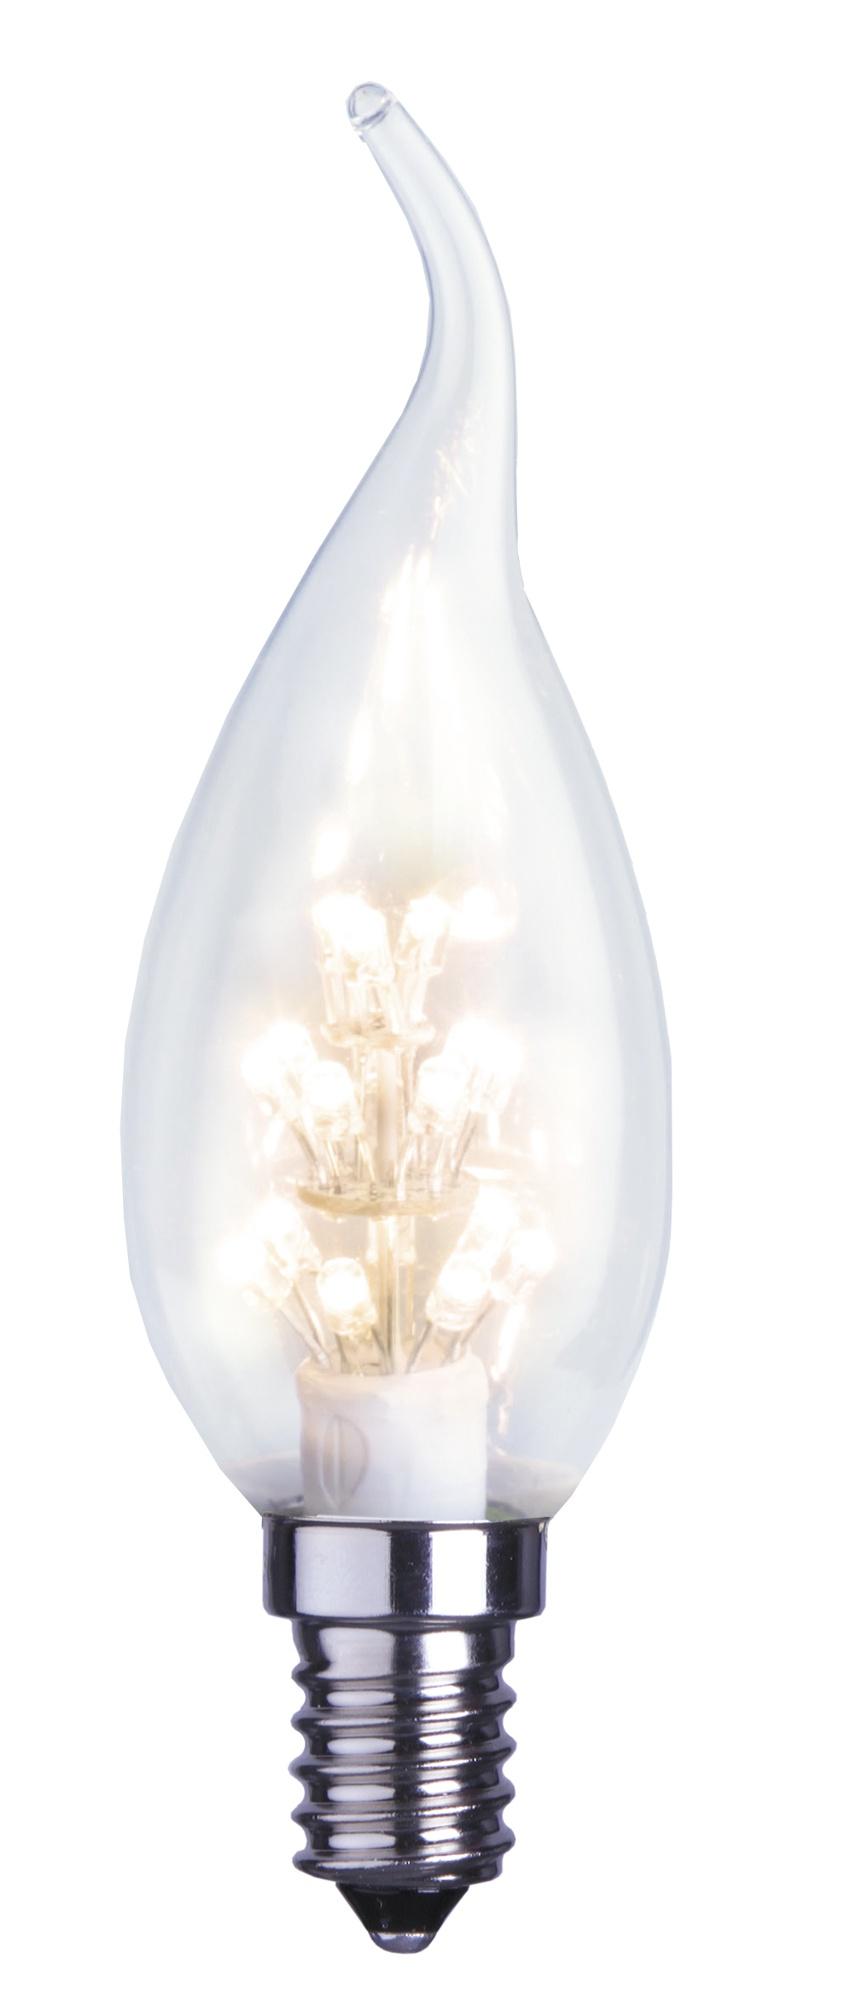 LED-kynttilälamppu Decoration LED 337-56 Ø 35x114 mm E14 kirkas romance 0,9W 2600K 55lm